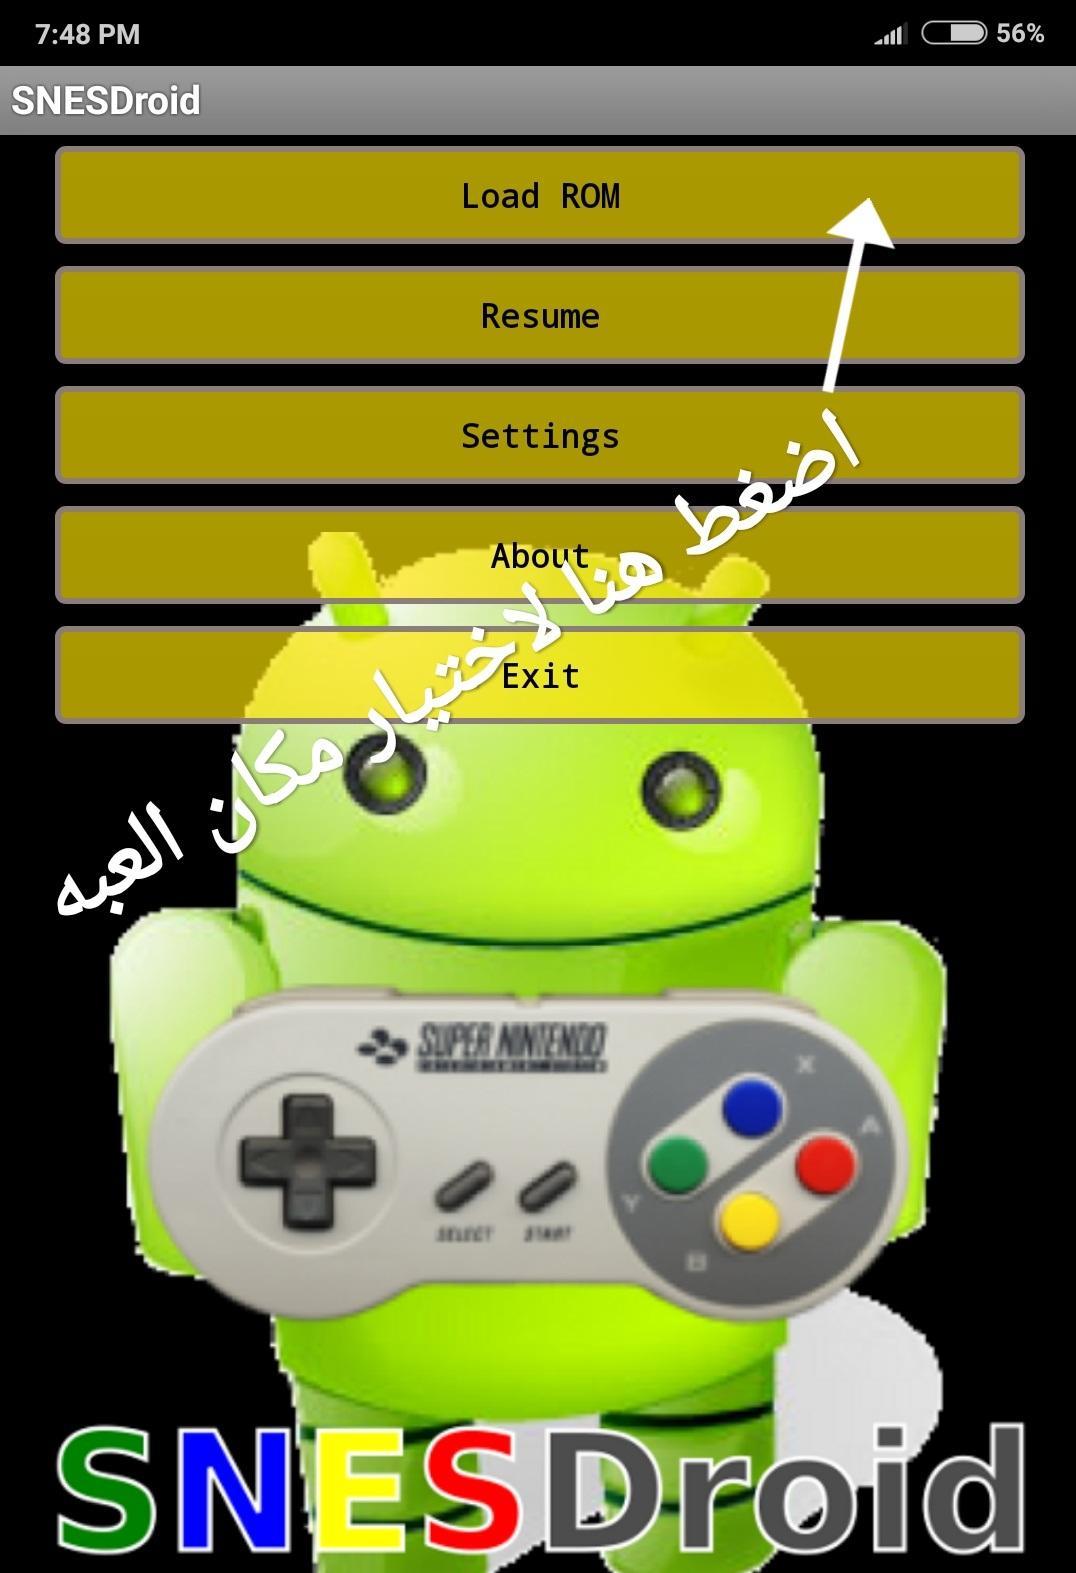 حصريا العاب Super Nintendo emulator + افضل العاب بحجم صغير جدااااااا